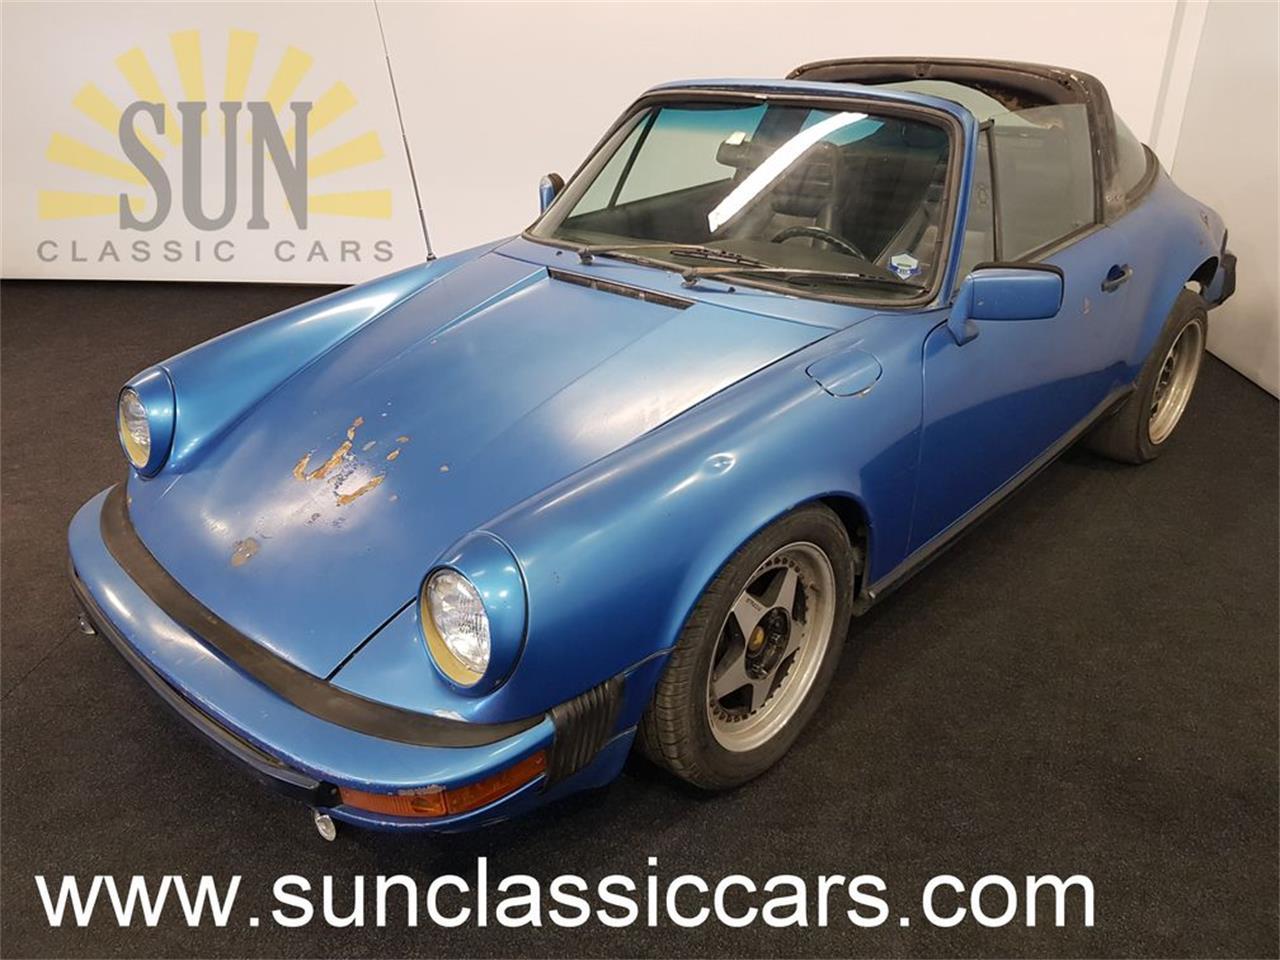 Large Picture of 1978 Porsche 911 located in Waalwijk noord brabant - $17,500.00 - PUXC